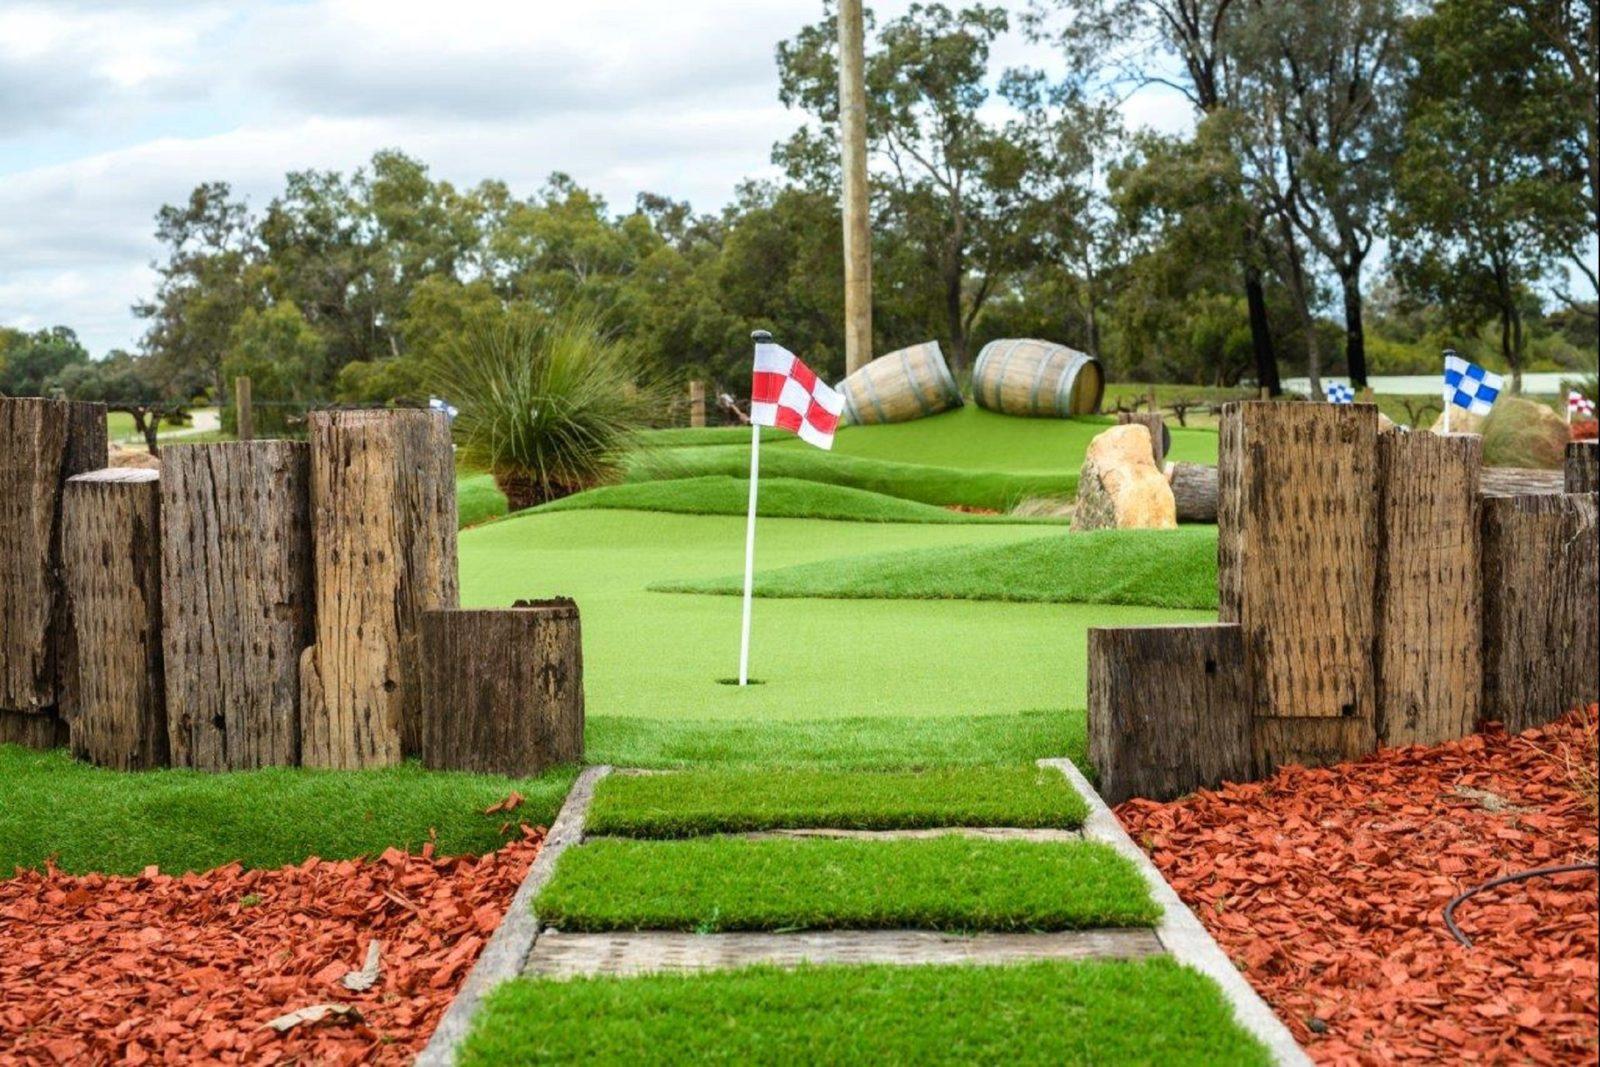 Vines Mini Golf, The Vines, Western Australia